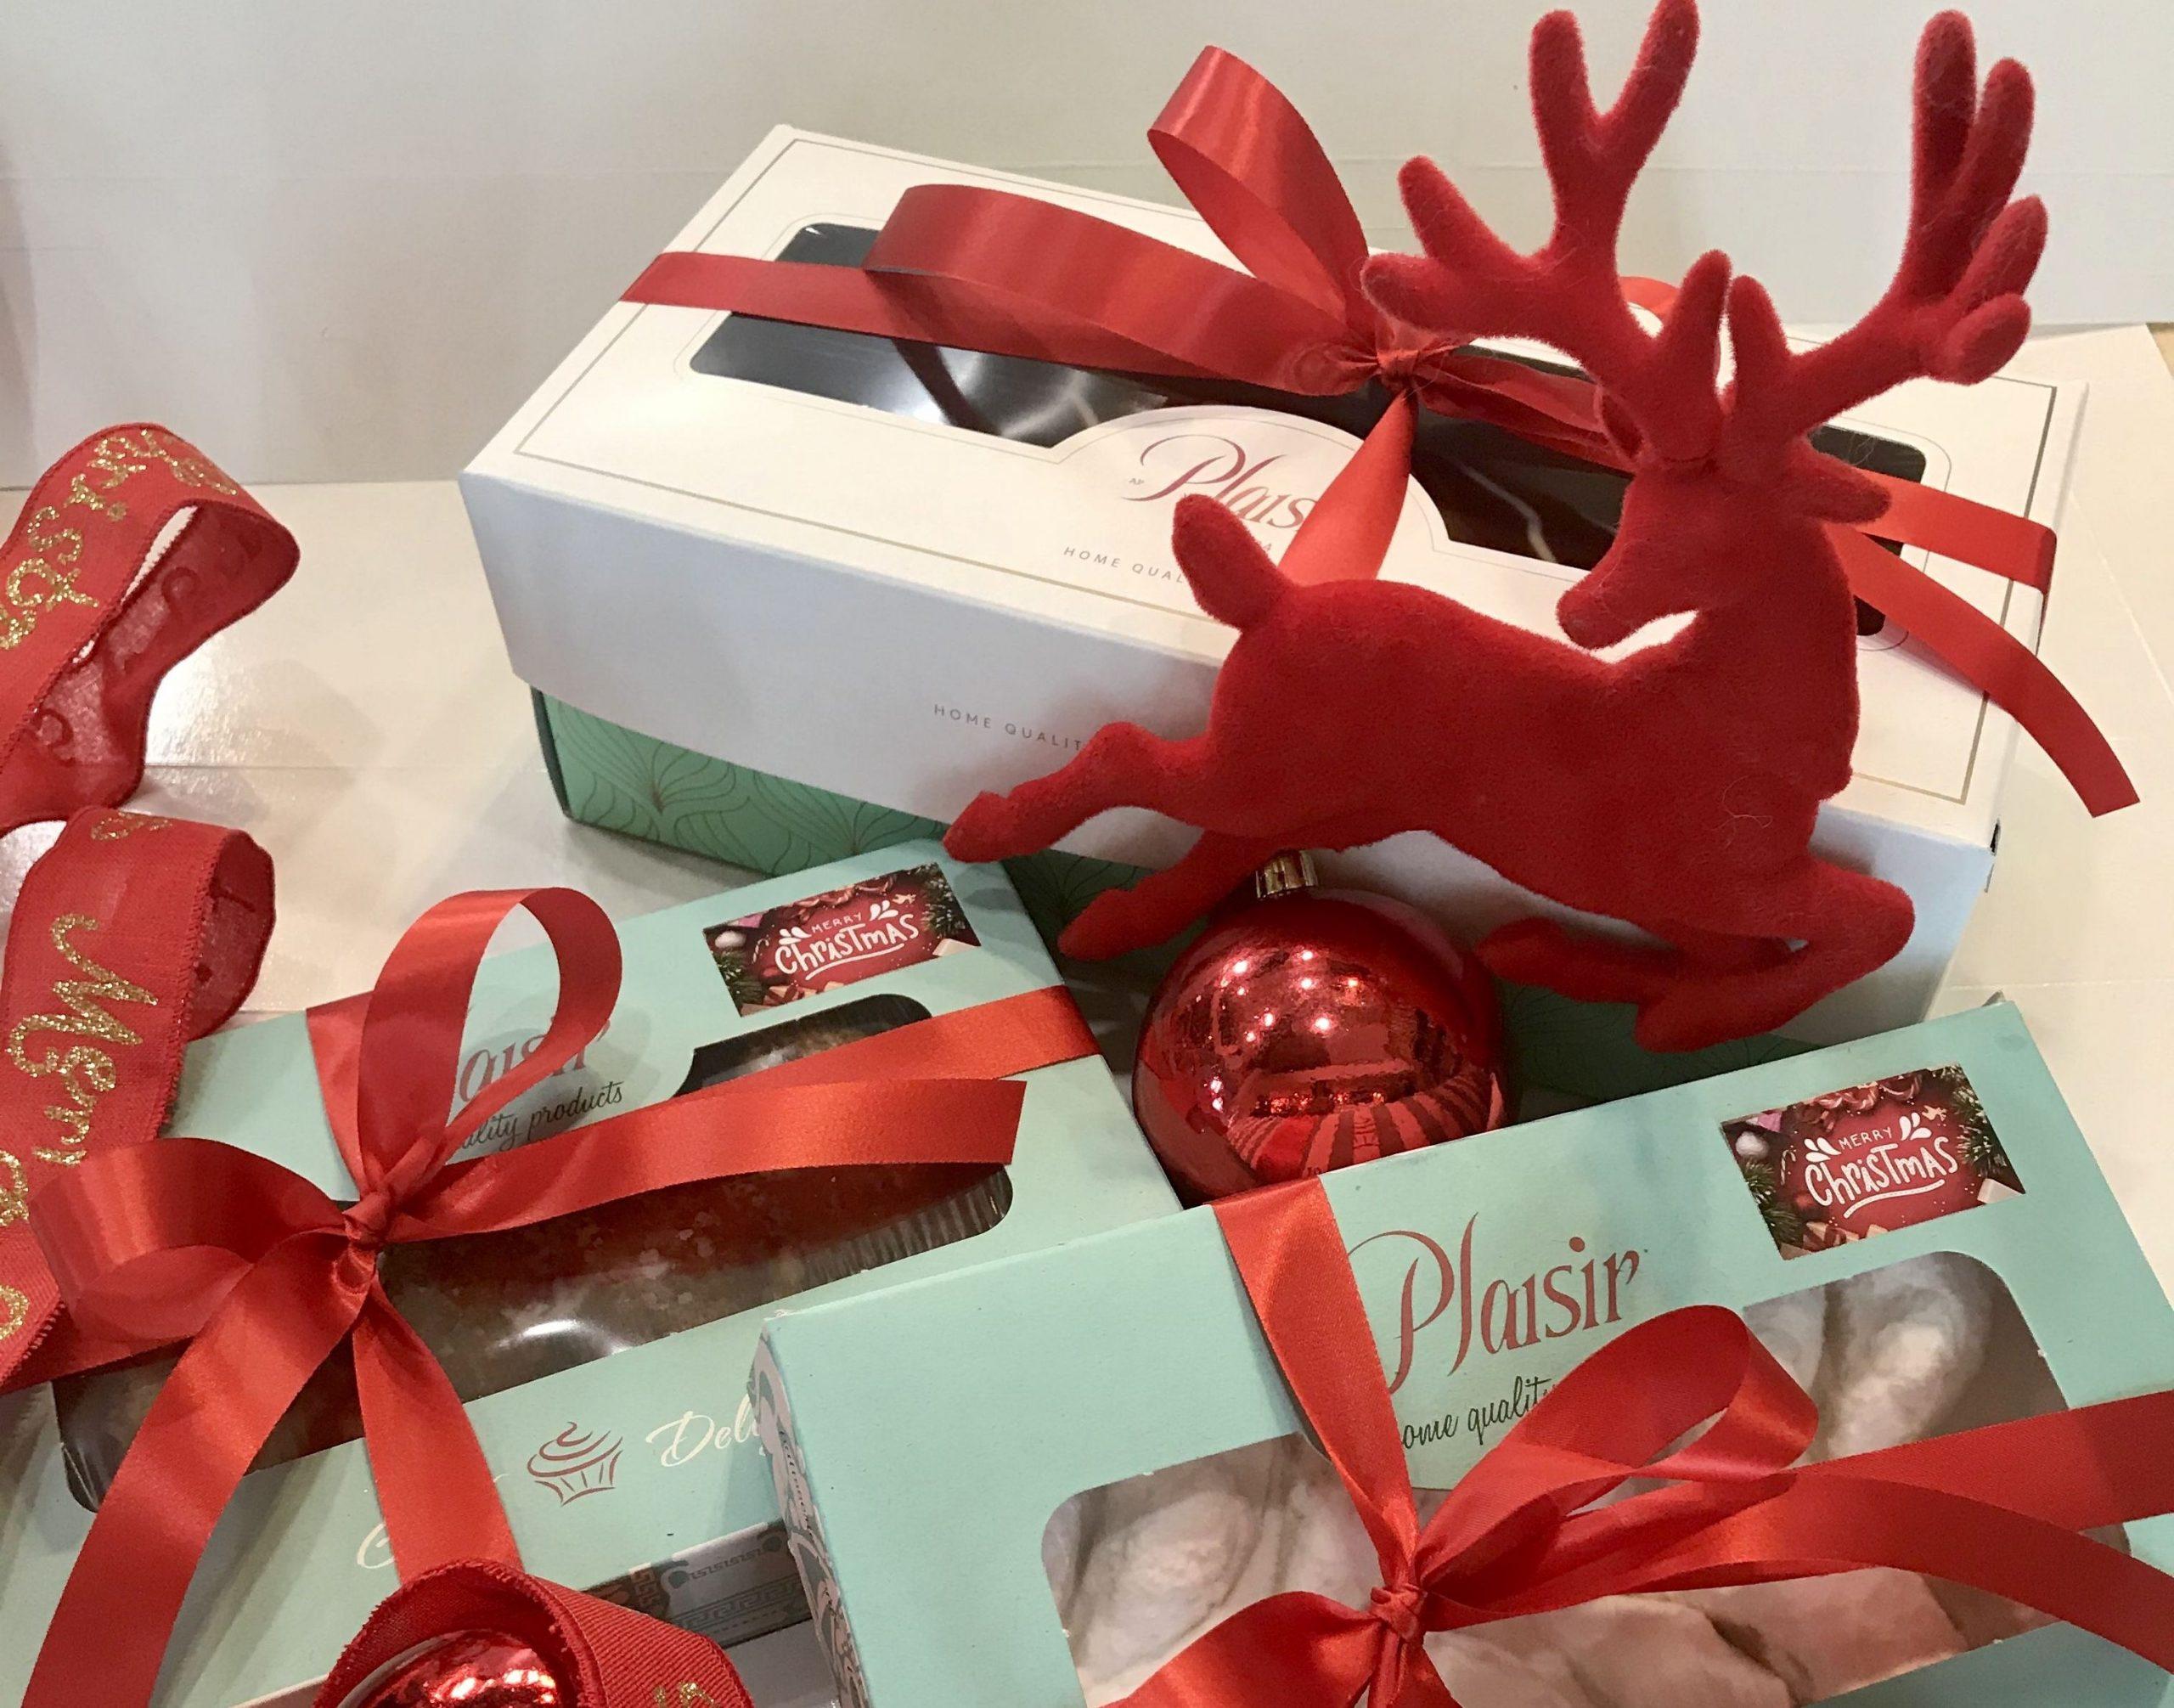 χριστουγεννιάτικα γλυκά Θεσσαλονίκη plaisir